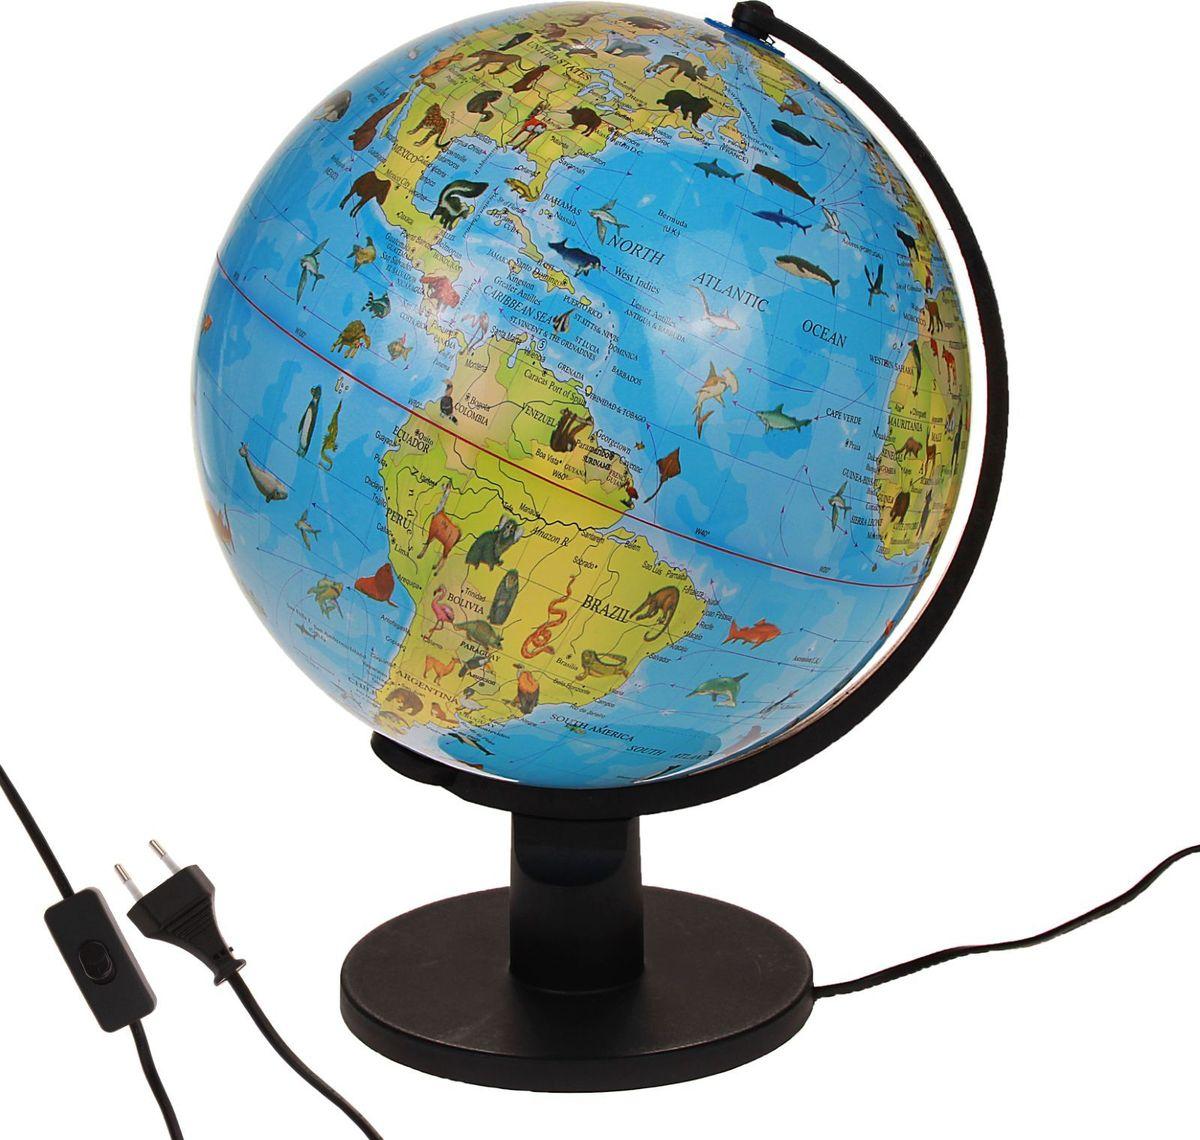 Глобус Ареал животных на английском языке диаметр 30 смFS-00897Этот макет земного шара дает информацию о распространении живых существ по континентам и водам мирового океана. С его помощью вы увидите, на какой территории обитает определенный вид животного. Помните, что границы ареалов условны, потому что не все популяции постоянно проживают в пределах одной зоны. На глобусе также отображены: страны, столицы и названия некоторых крупных населенных пунктов экватор параллели меридианы градусы государственные границы демаркационные линии.Используйте изделие как ночник. Он оснащен мягкой, приглушенной LED-подсветкой. Характеристики Объекты подписаны на английском языке. Высота глобуса с подставкой: 42 см. Диаметр: 30 см. Масштаб: 1:42 500 000. Изготовлен из прочного пластика.